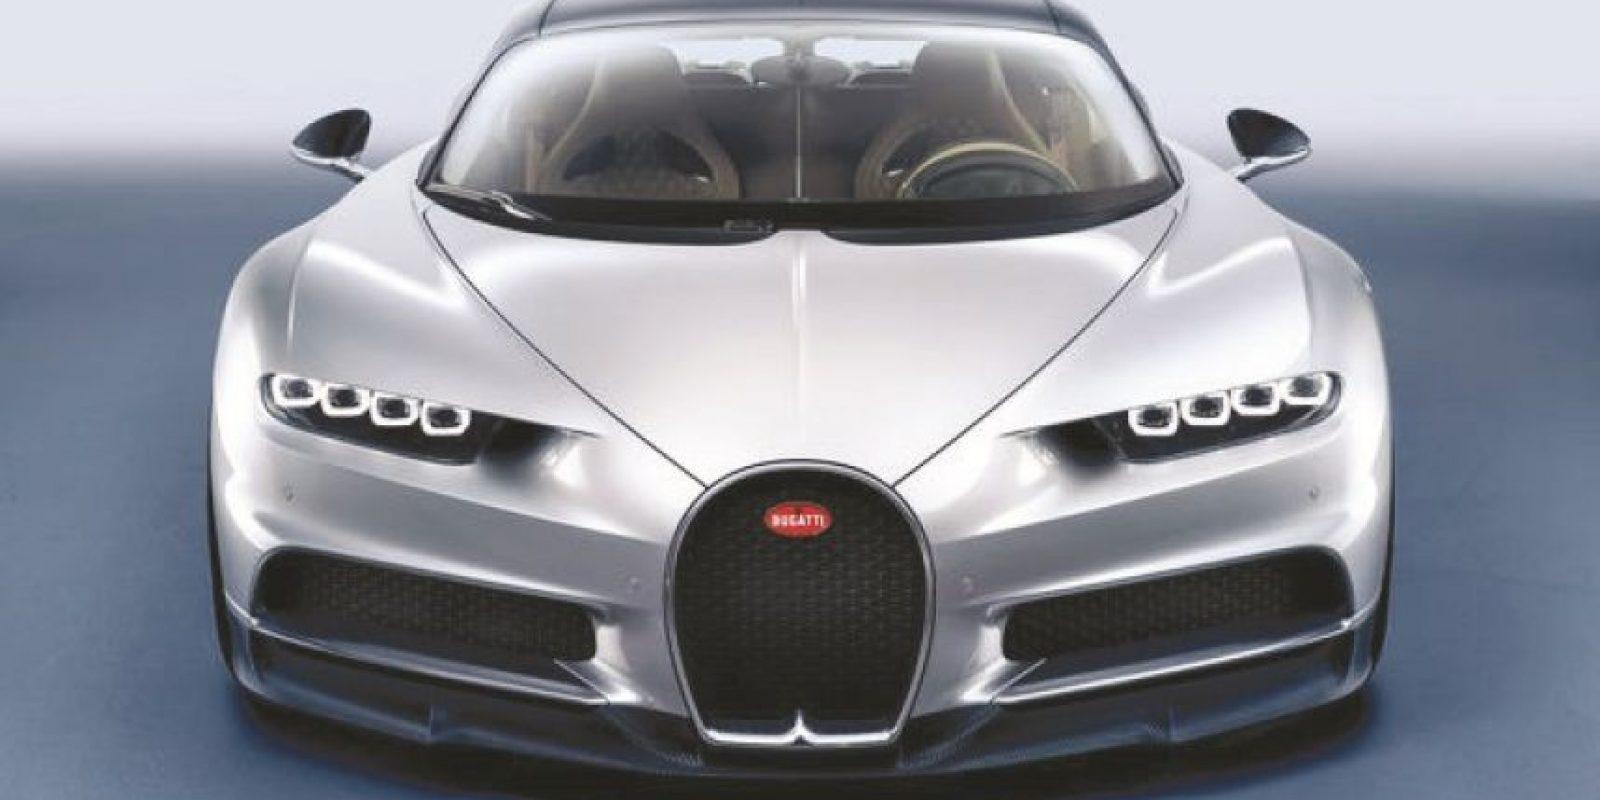 """Bugatti Chiron. El nombre responde al homenaje que la marca realiza a Louis Chiron, piloto de la armadora en la década de los veinte y treinta.Dejando el impacto de sus mil 478 caballos de potencia, una cifra aún más aterradora es la de la entrega del torque: mil 180 libras pie a partir de las 2,000 rpm.El relevo de Veyron llega con cartas tan poderosas que hace lucir a sus rivales como """"lindos gatitos"""": 1,478 caballos de potencia y 1,180 libras pie de torque producto del 8.0 litros W16 a gasolina, que recibe un nuevo sistema de sobrealimentación (cuatro turbos más grandes, capaces de aspirar mucho más aire a mayor presión) y enfriamiento. Foto:Bugatti"""